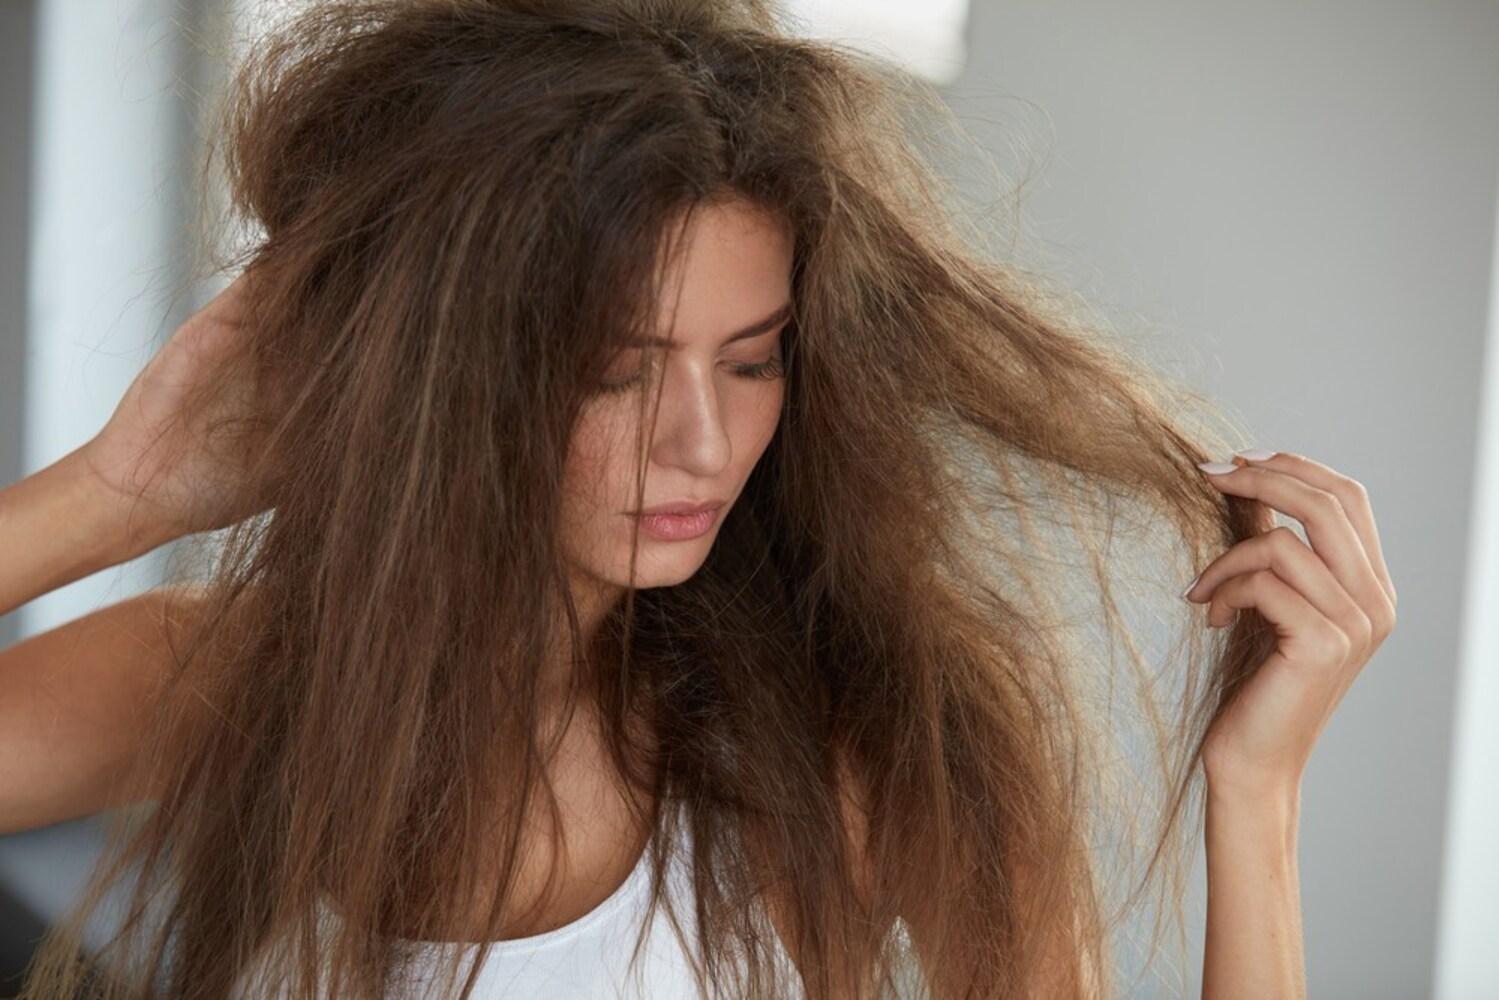 プロテクトイオン|パサつきや広がりが気になる髪に